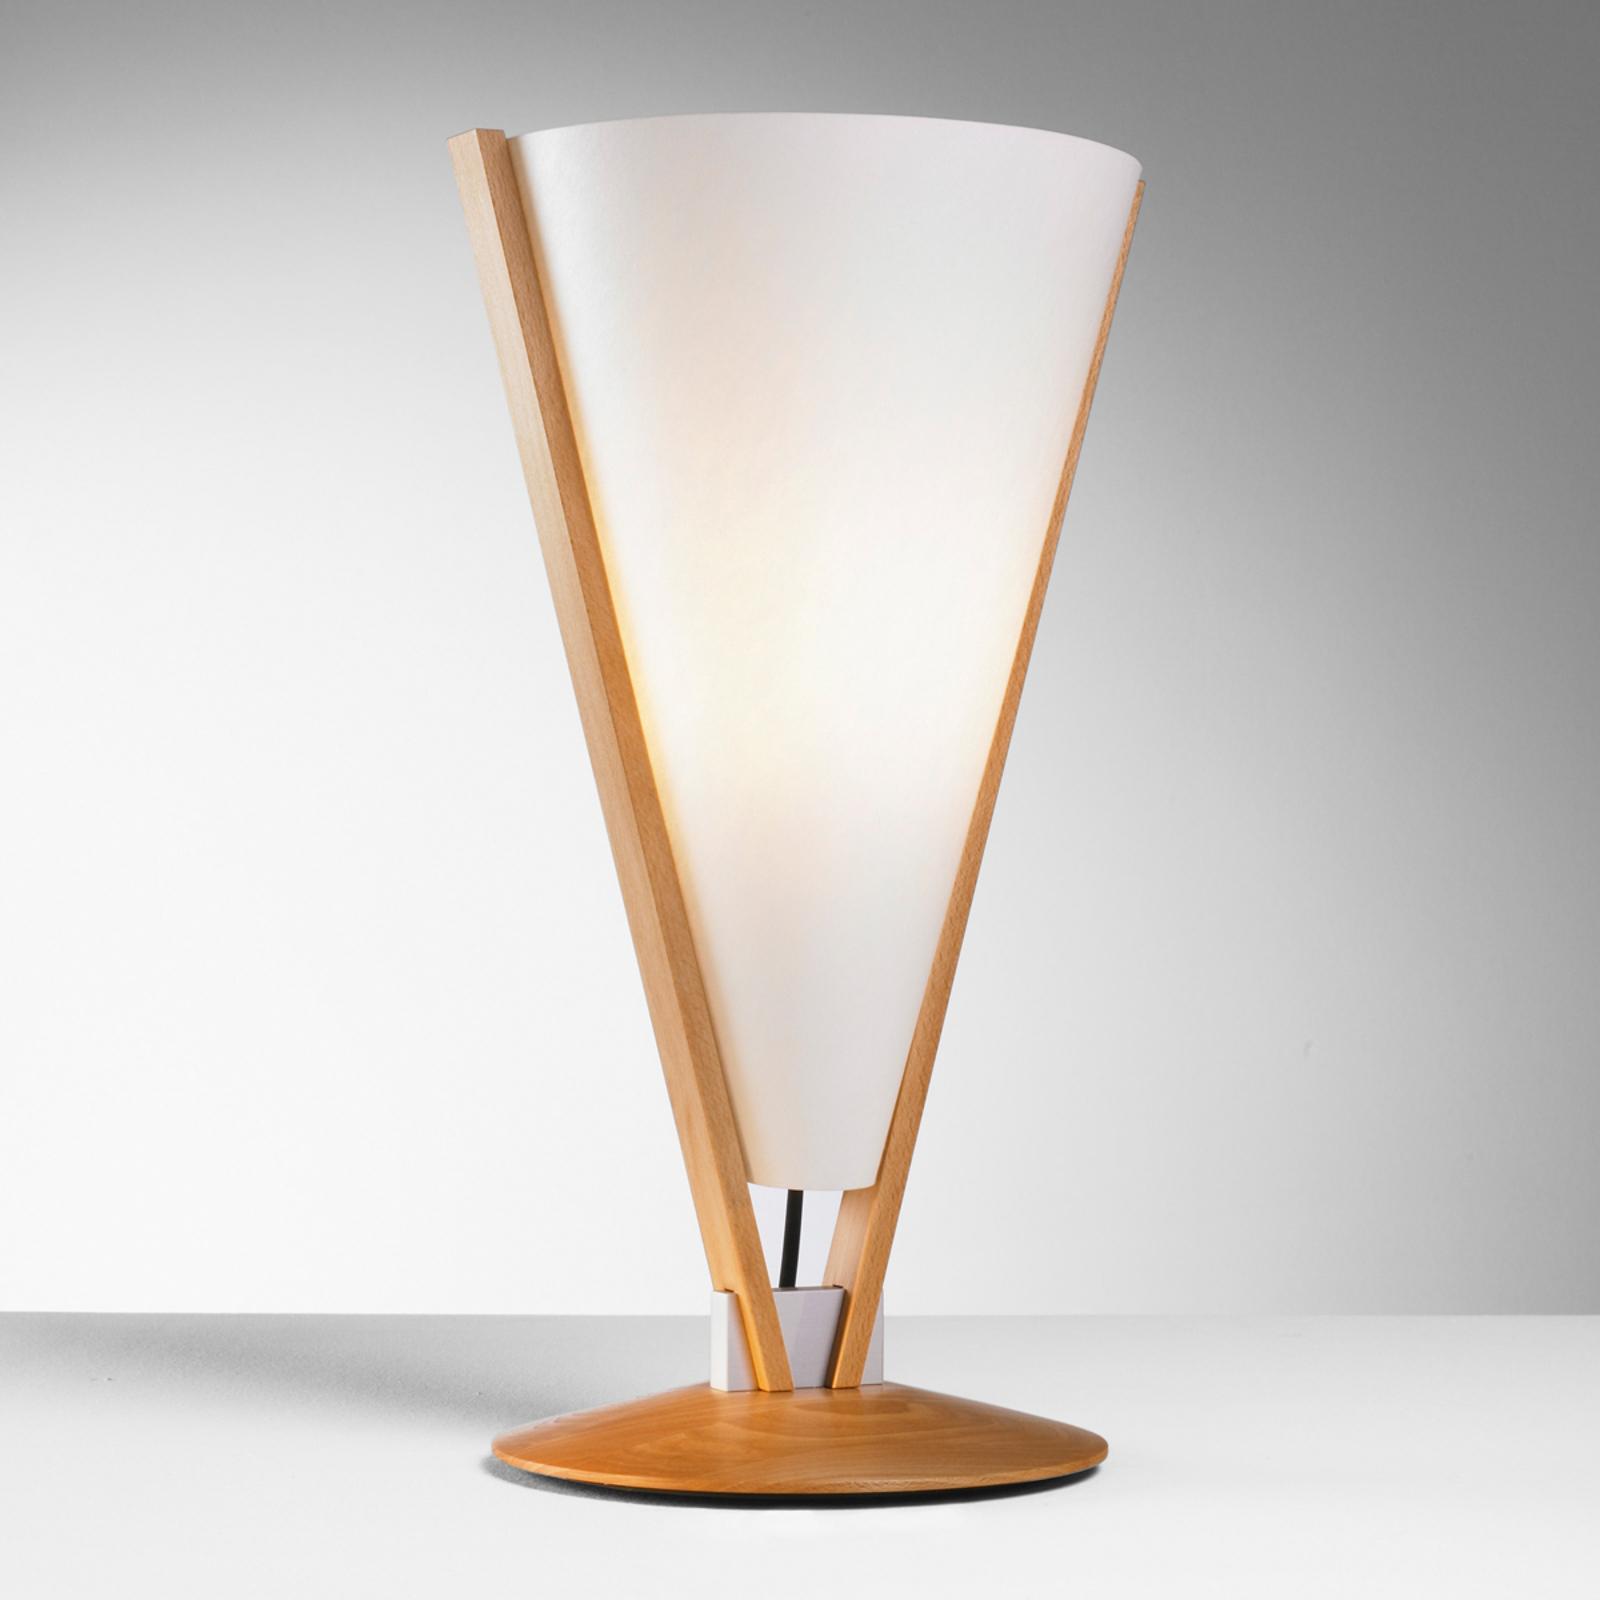 SEBA bordslampa med handströmbrytare, bok